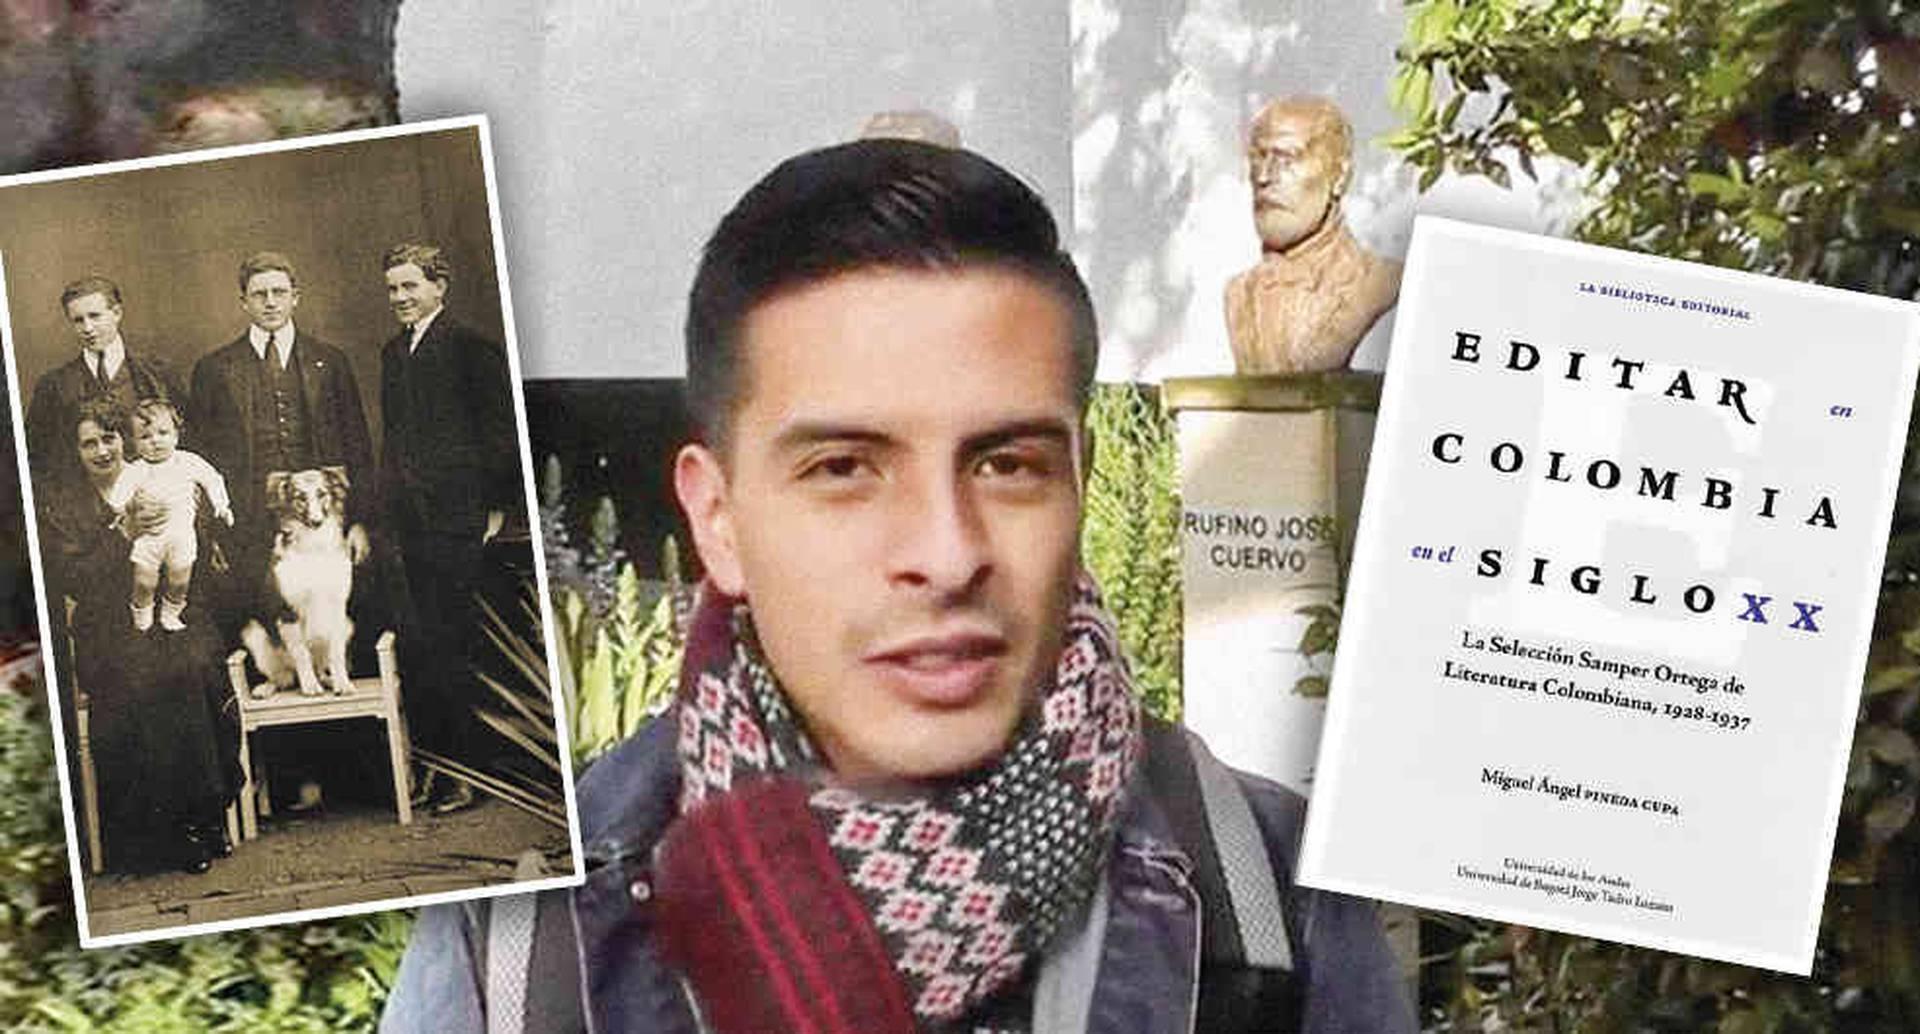 Miguel Ángel Pineda Cupa es comunicador social con énfasis editorial de la Universidad Javeriana. Abajo, su objeto de estudio, Daniel Samper Ortega y su familia.